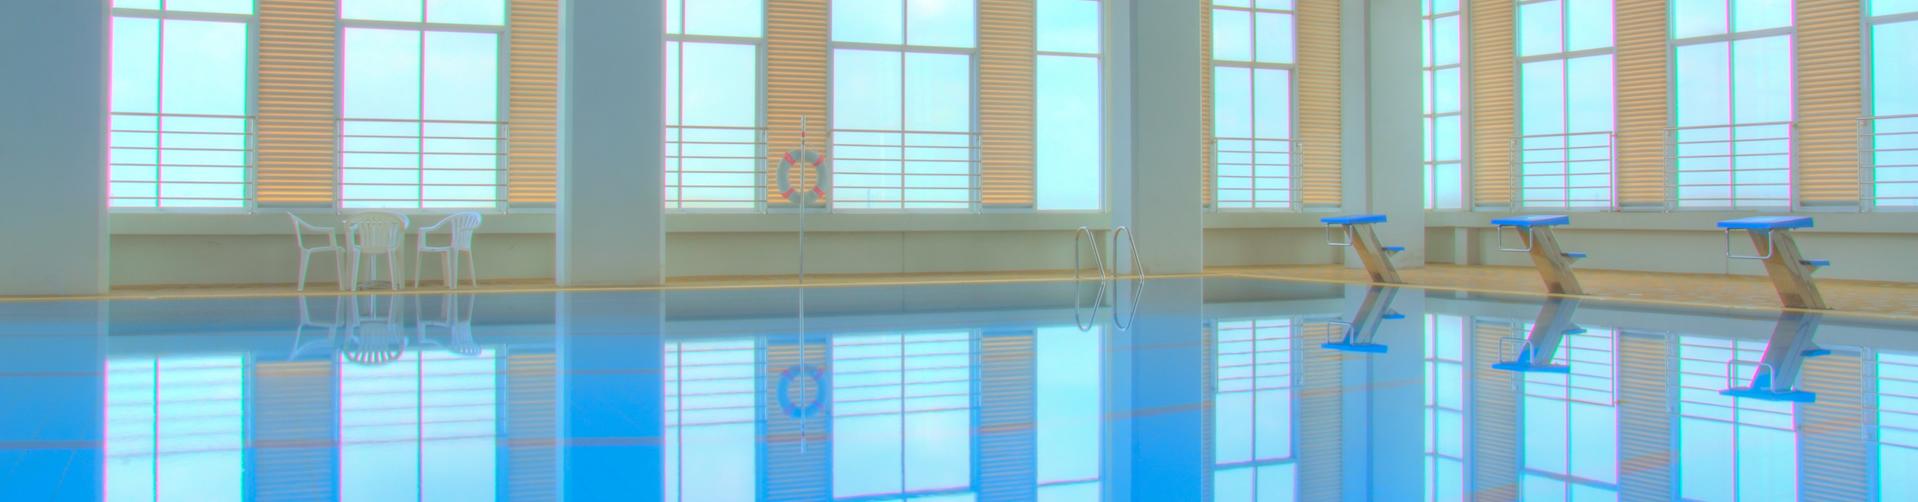 Noticias mantenimiento de piscinas mantenimiento de for Mantenimiento piscina invierno